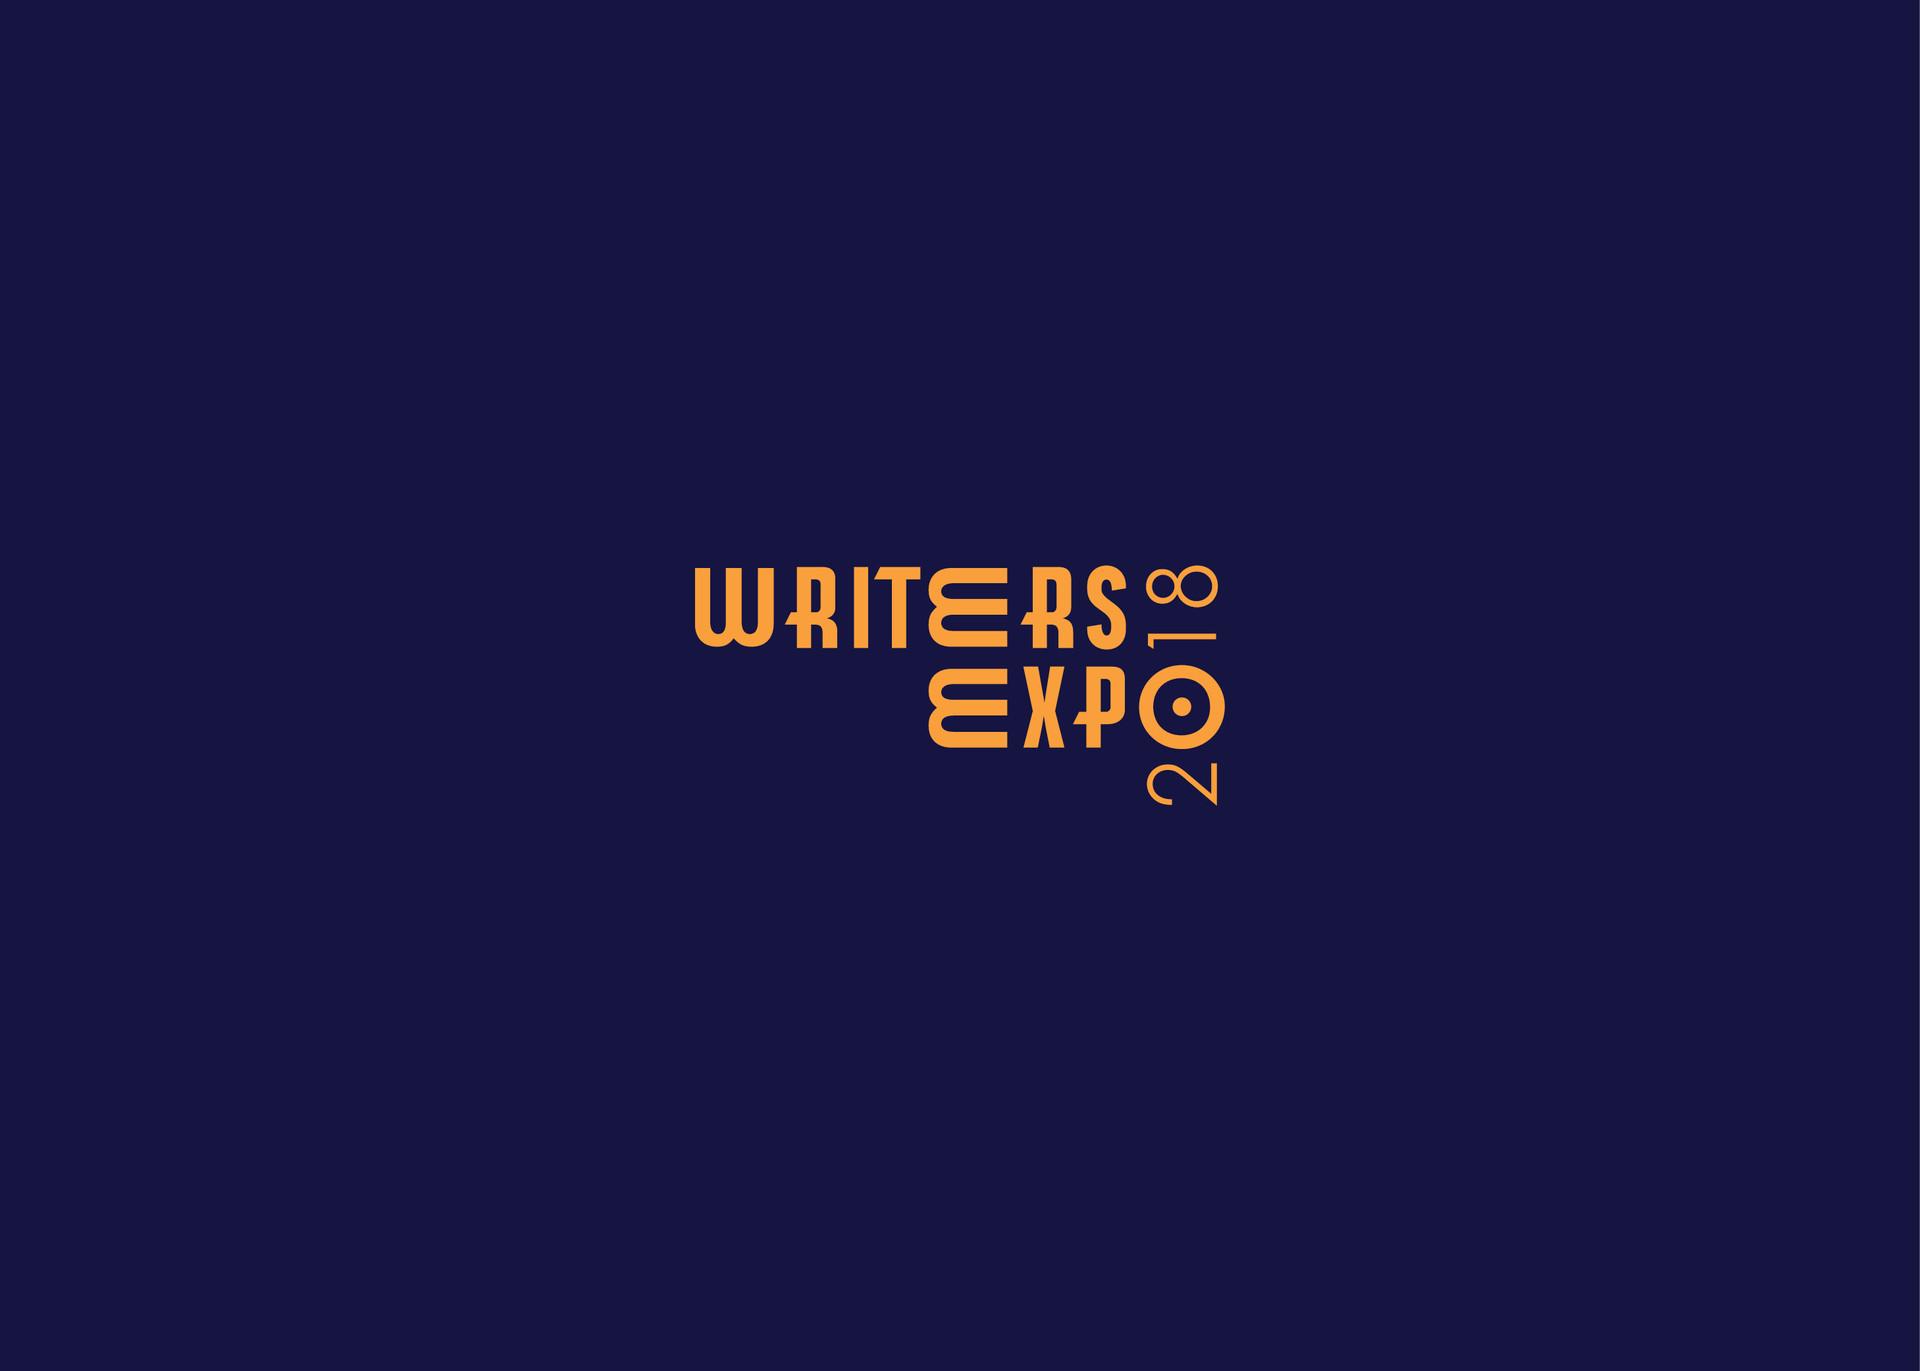 Writers Expo 2018